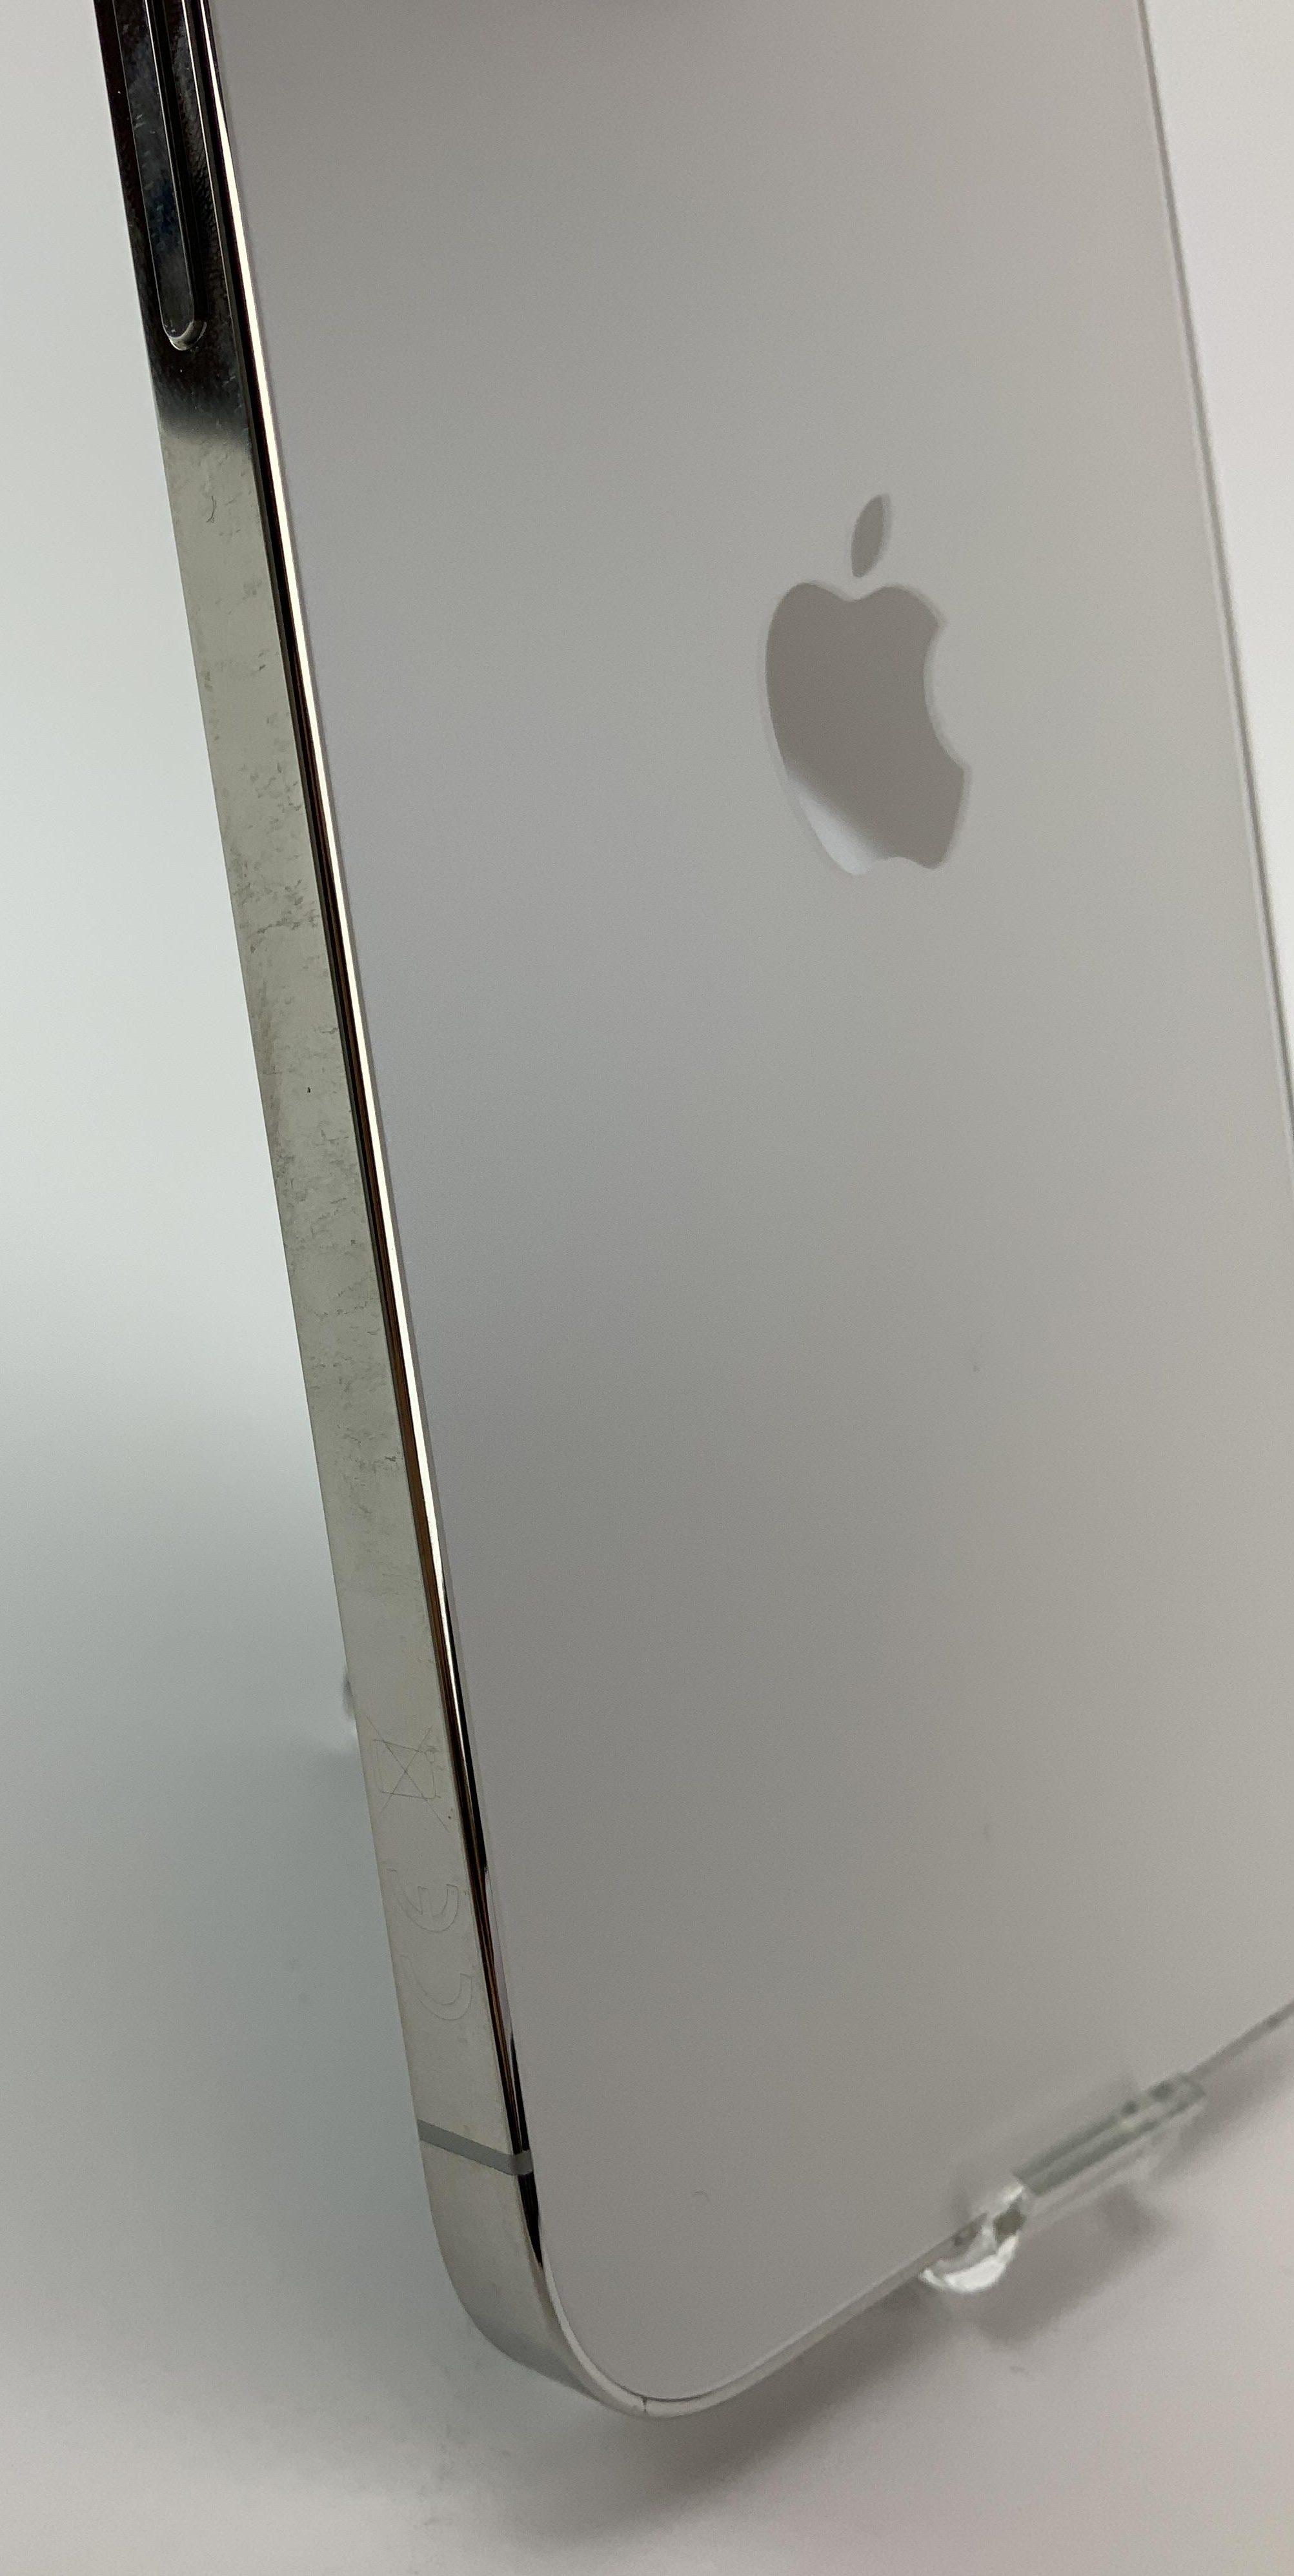 iPhone 12 Pro Max 256GB, 256GB, Silver, immagine 4